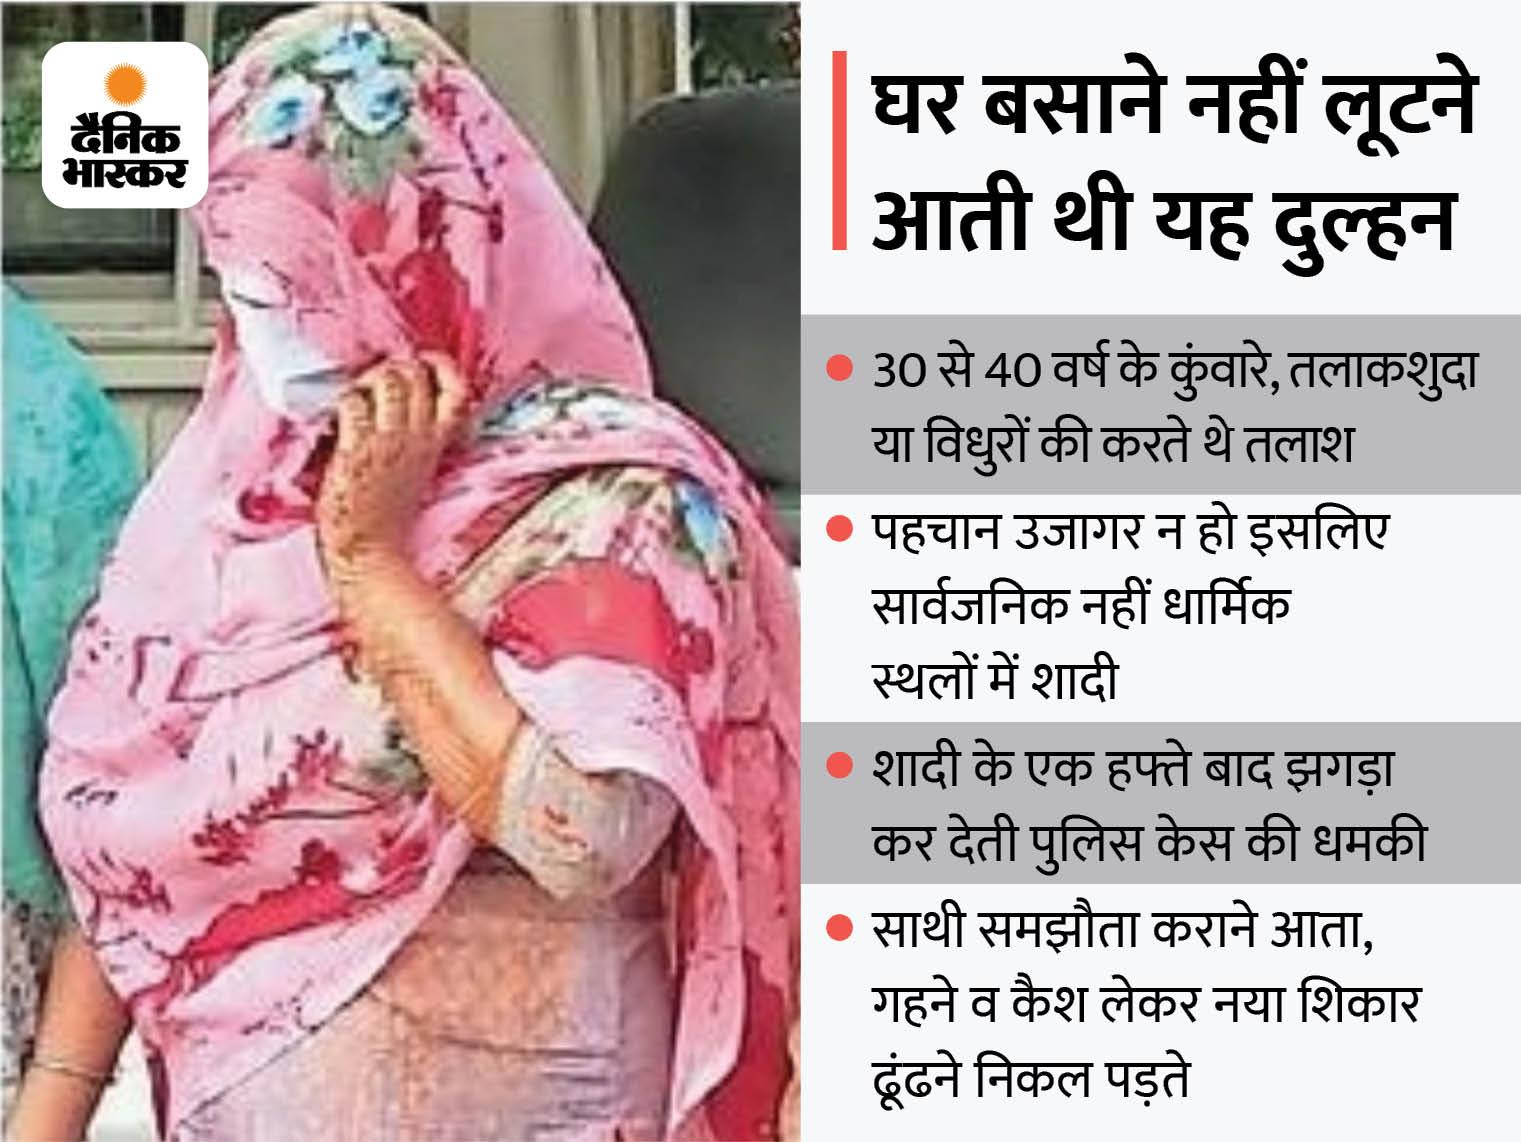 पंजाब और हरियाणा में कर चुकी 8 शादियां, सभी जगह एक हफ्ता रहकर आई; ठगे गए दूल्हों की जान भी अब खतरे में पड़ी जालंधर,Jalandhar - Dainik Bhaskar